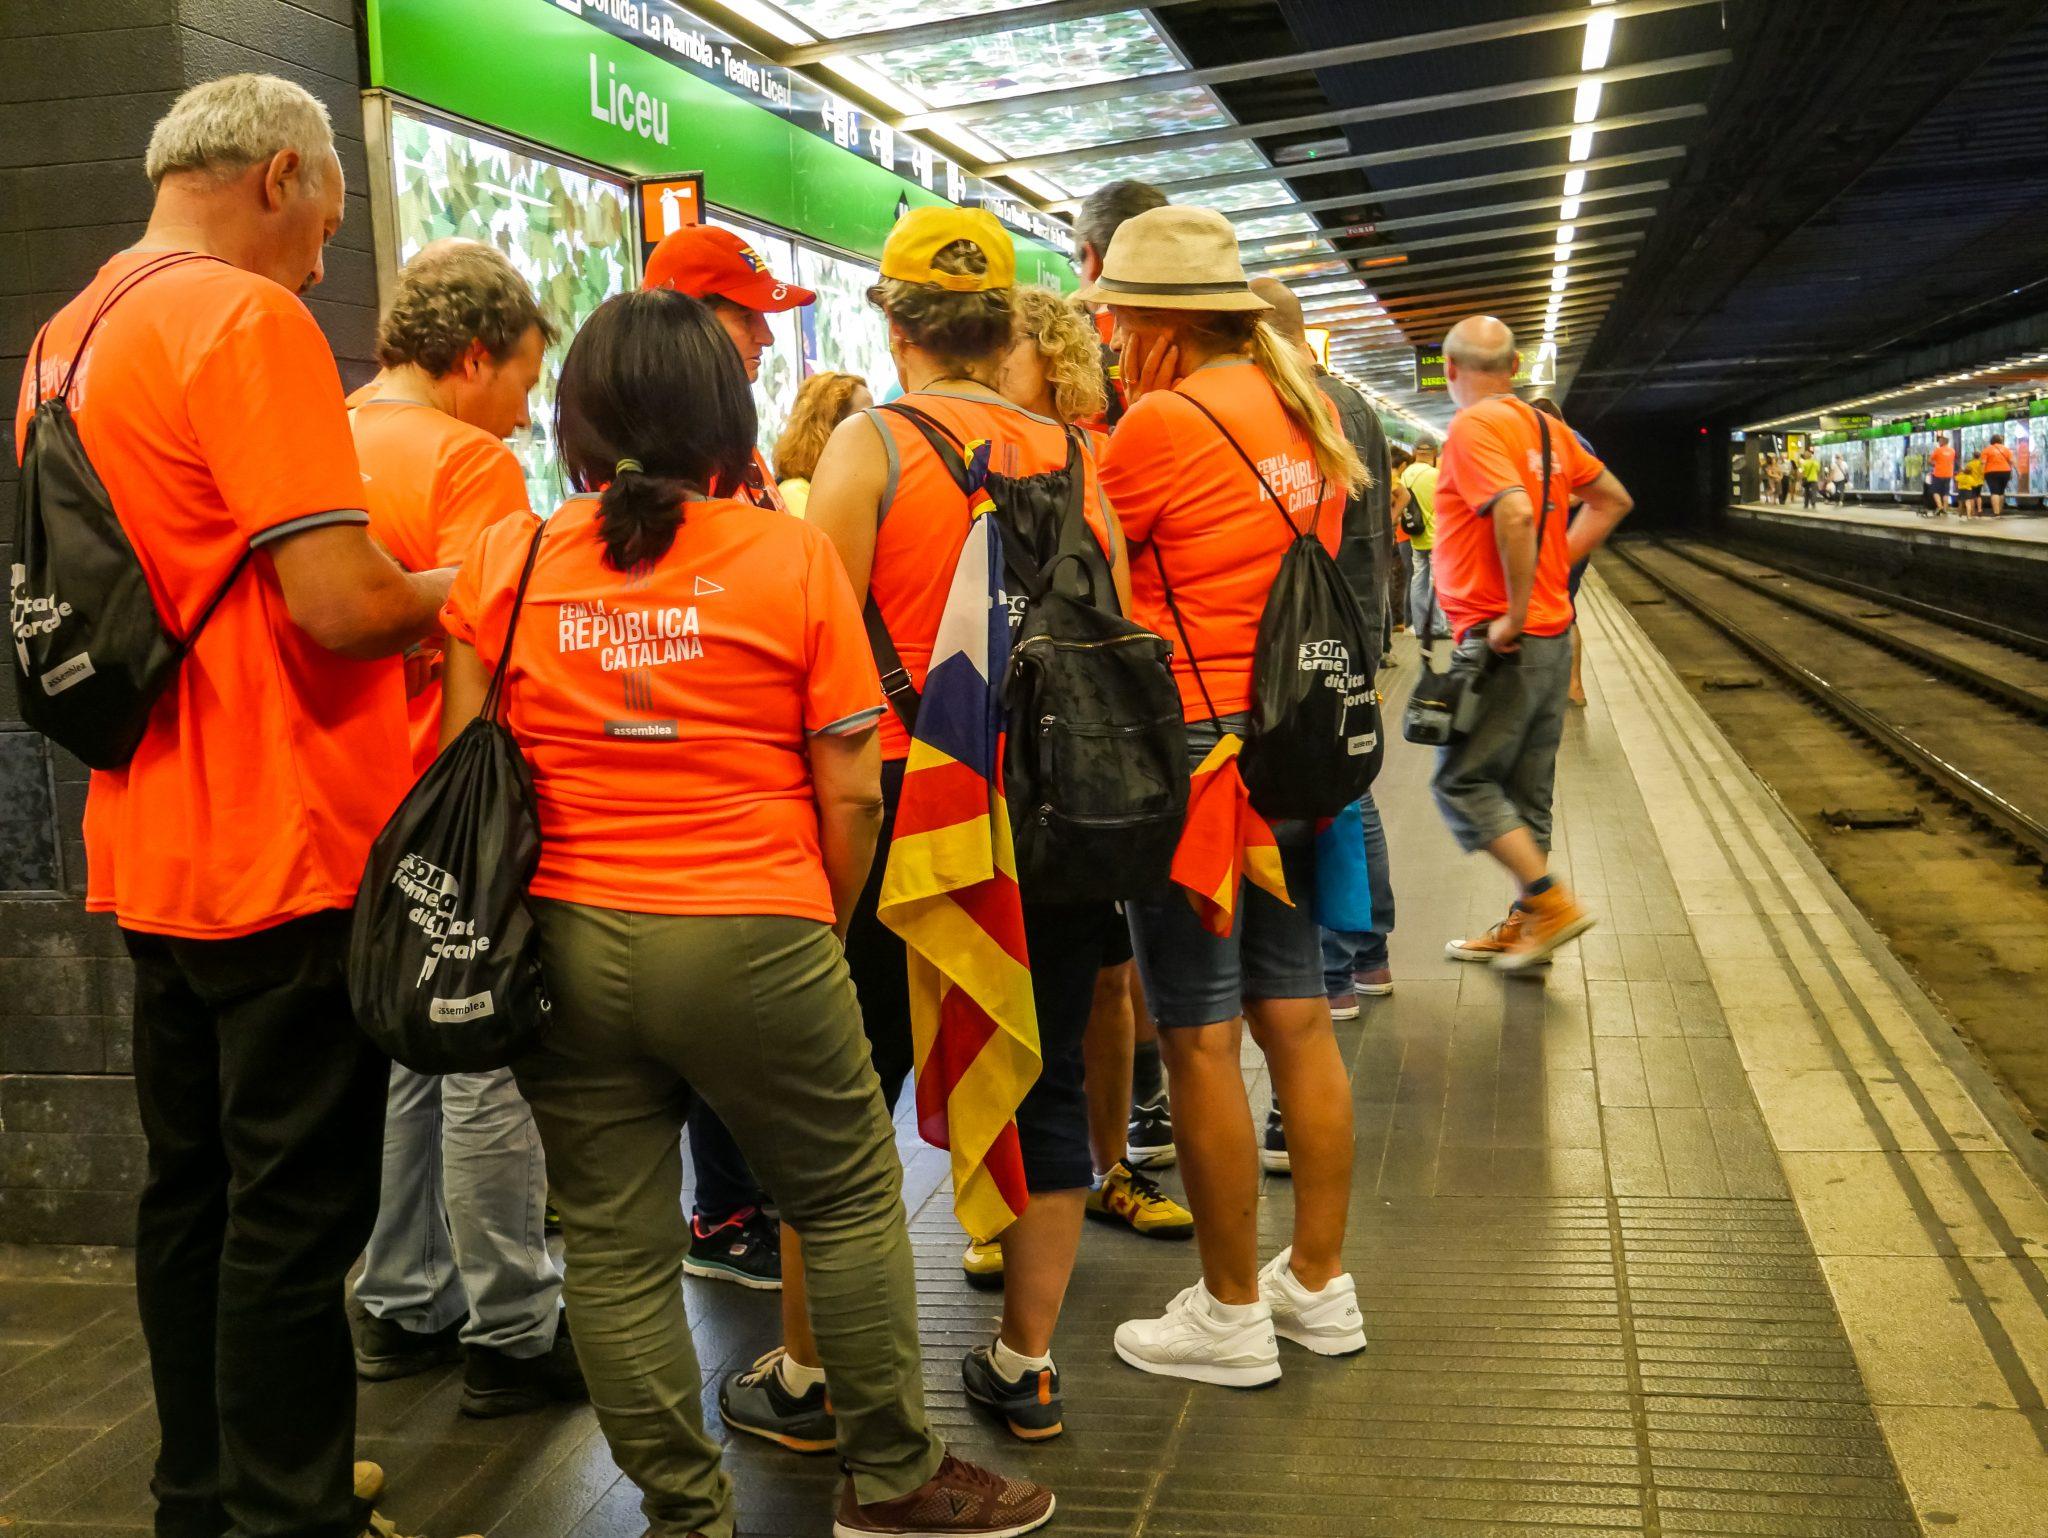 Die Metrostationen in Barcelona sind während des Día de Cataluña komplett überfüllt mit Fahnenträgern.